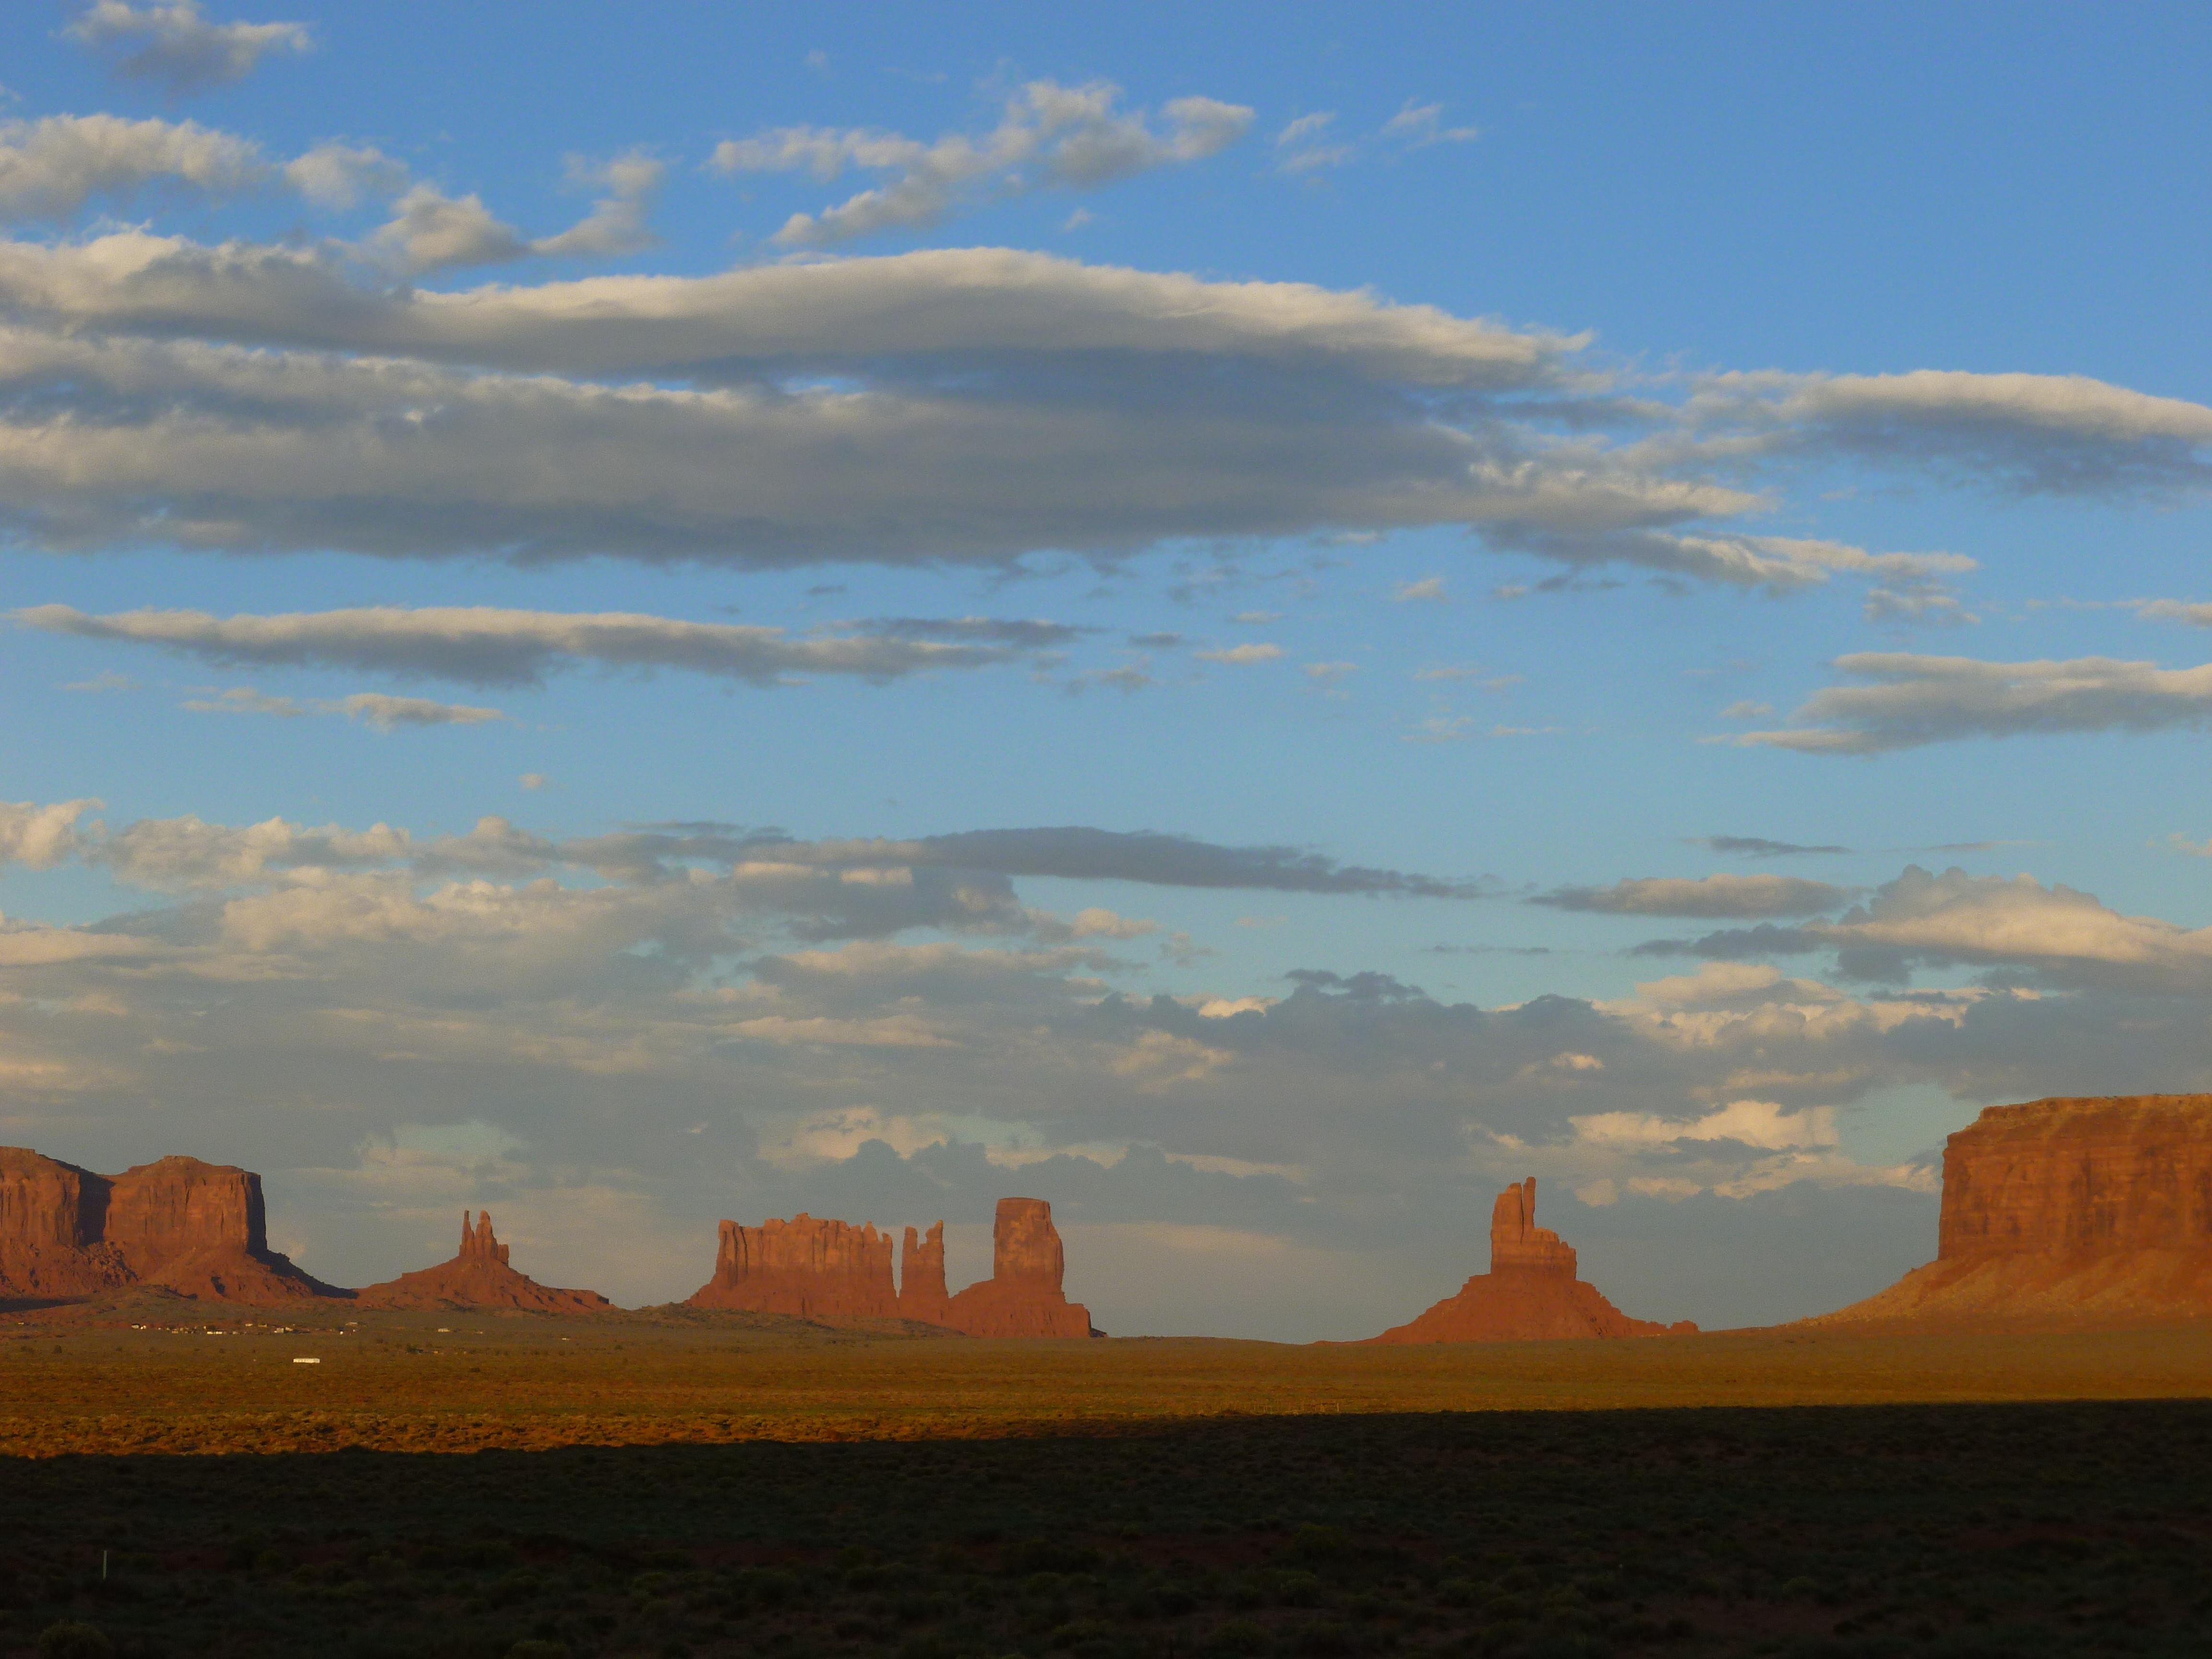 De zon gaat onder tussen de bergen van Monument Valley....